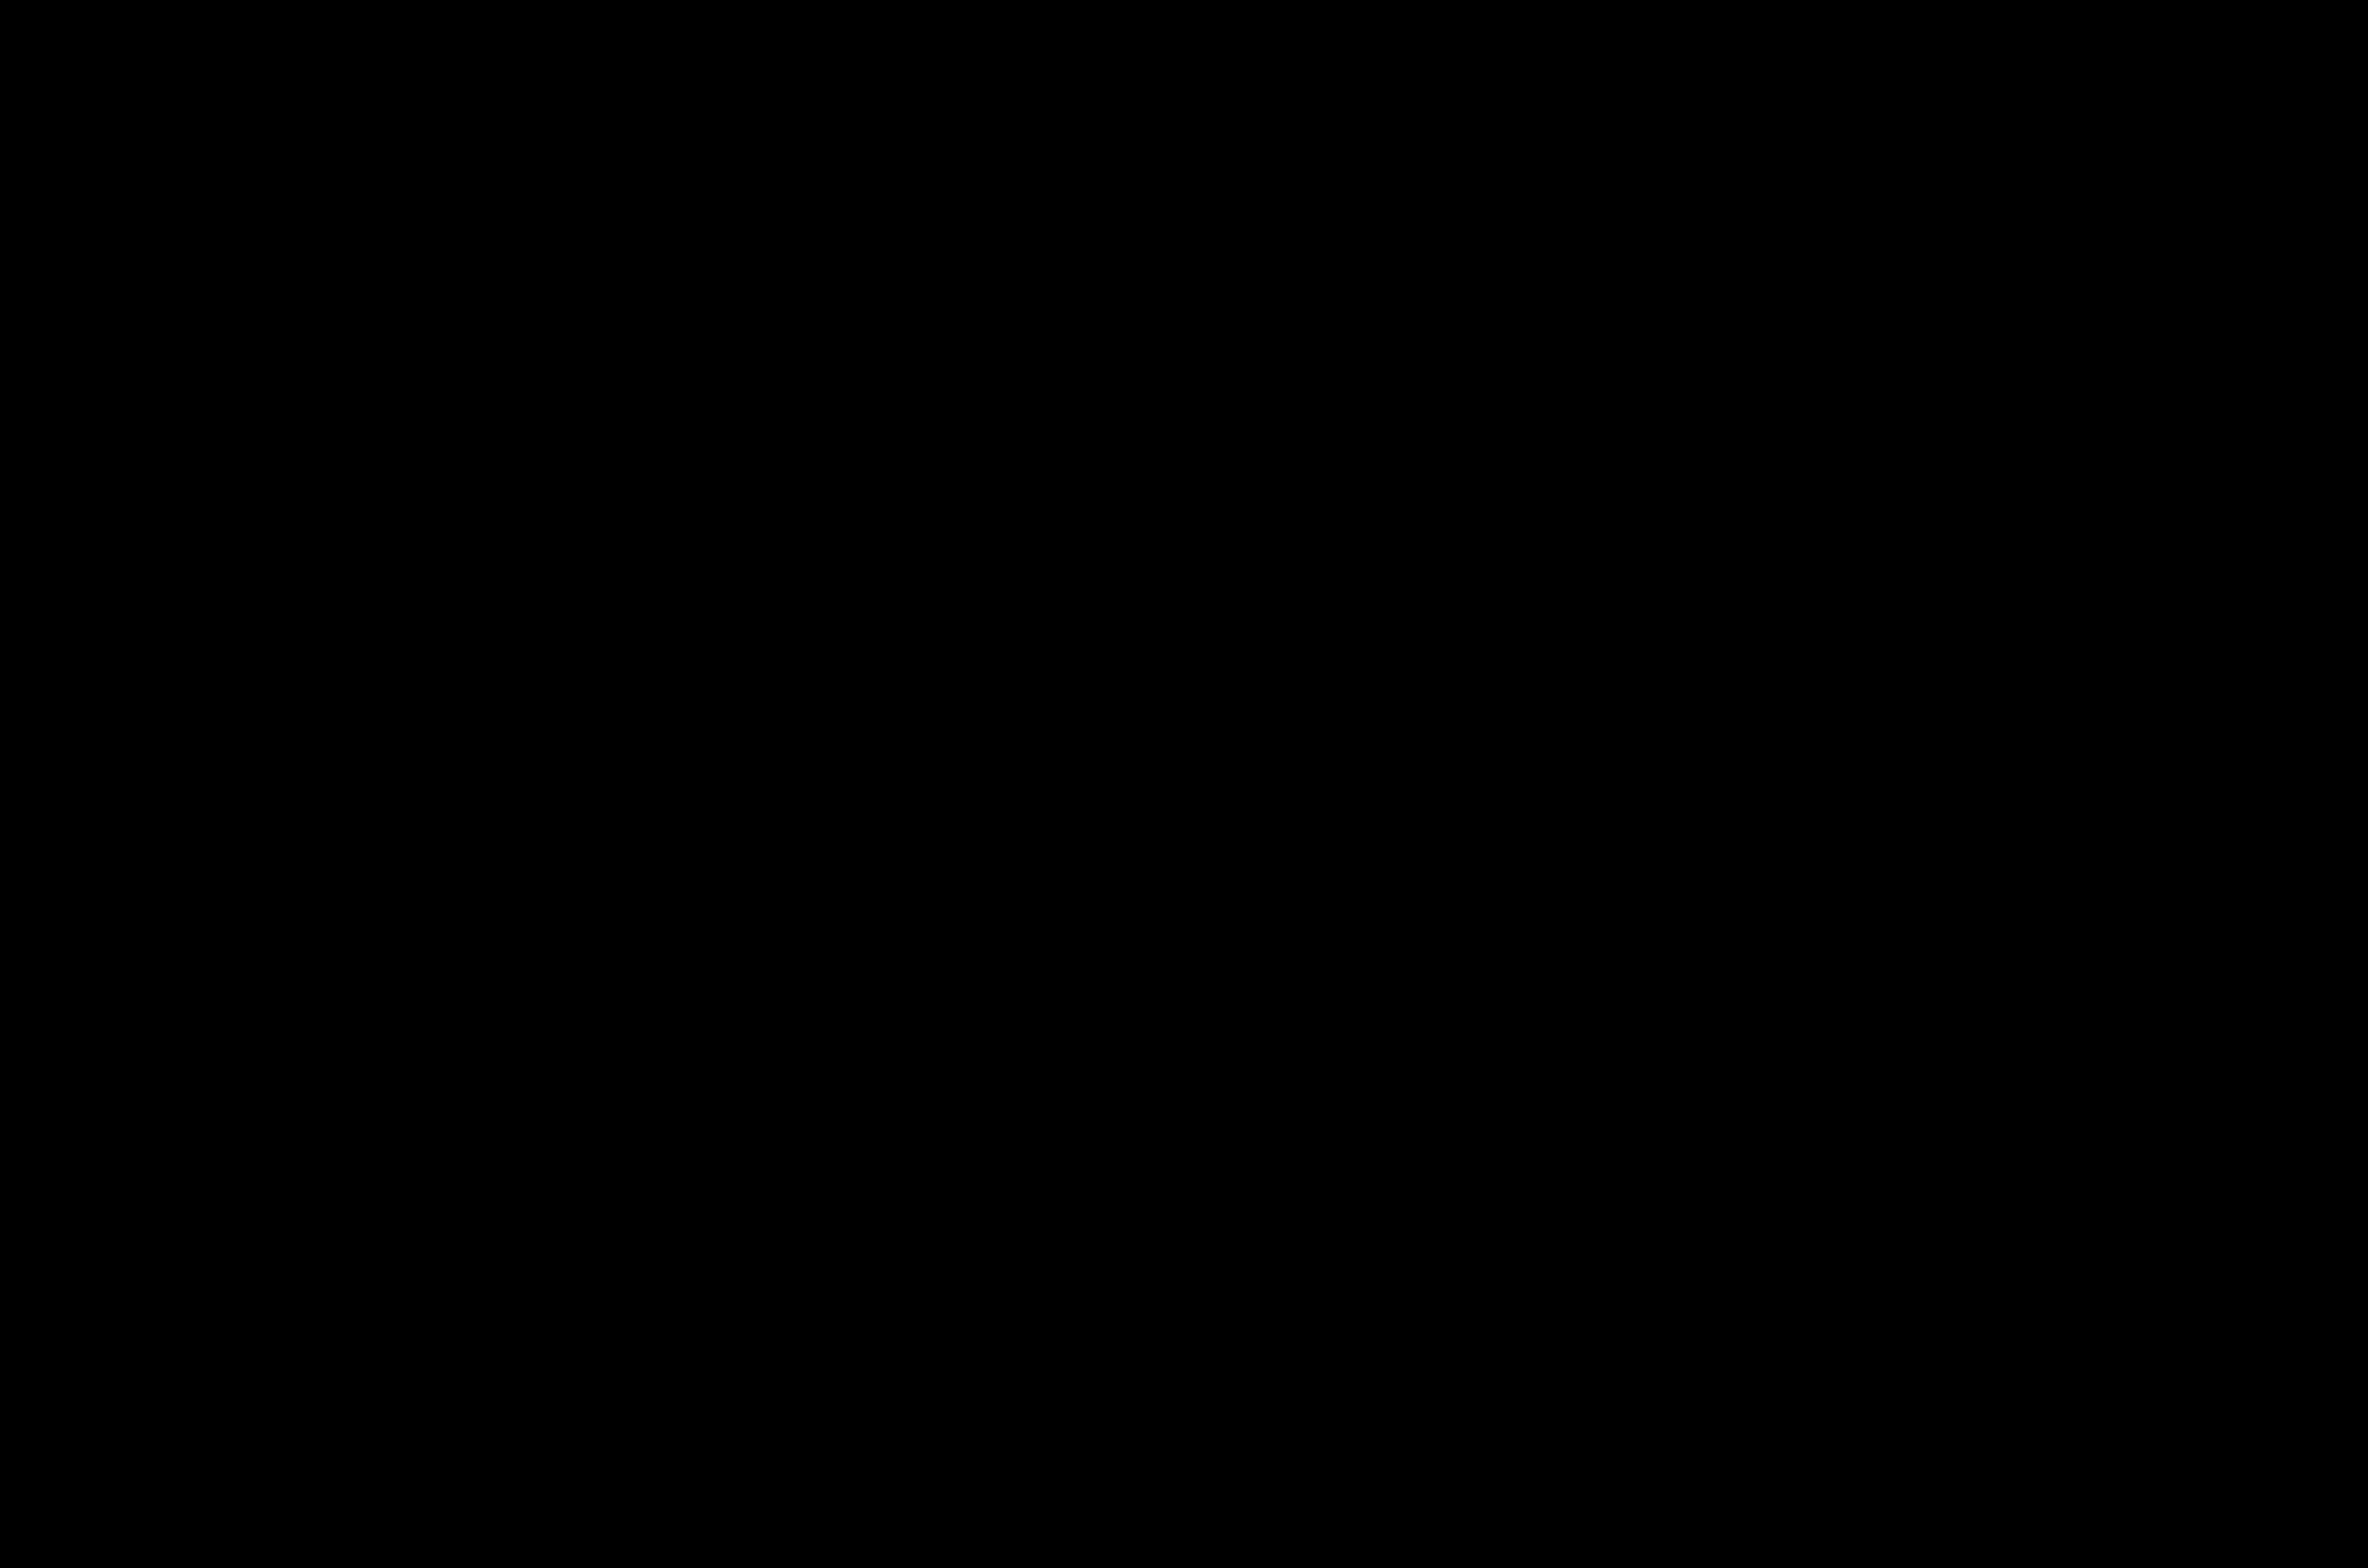 Коко шанель картинки логотип